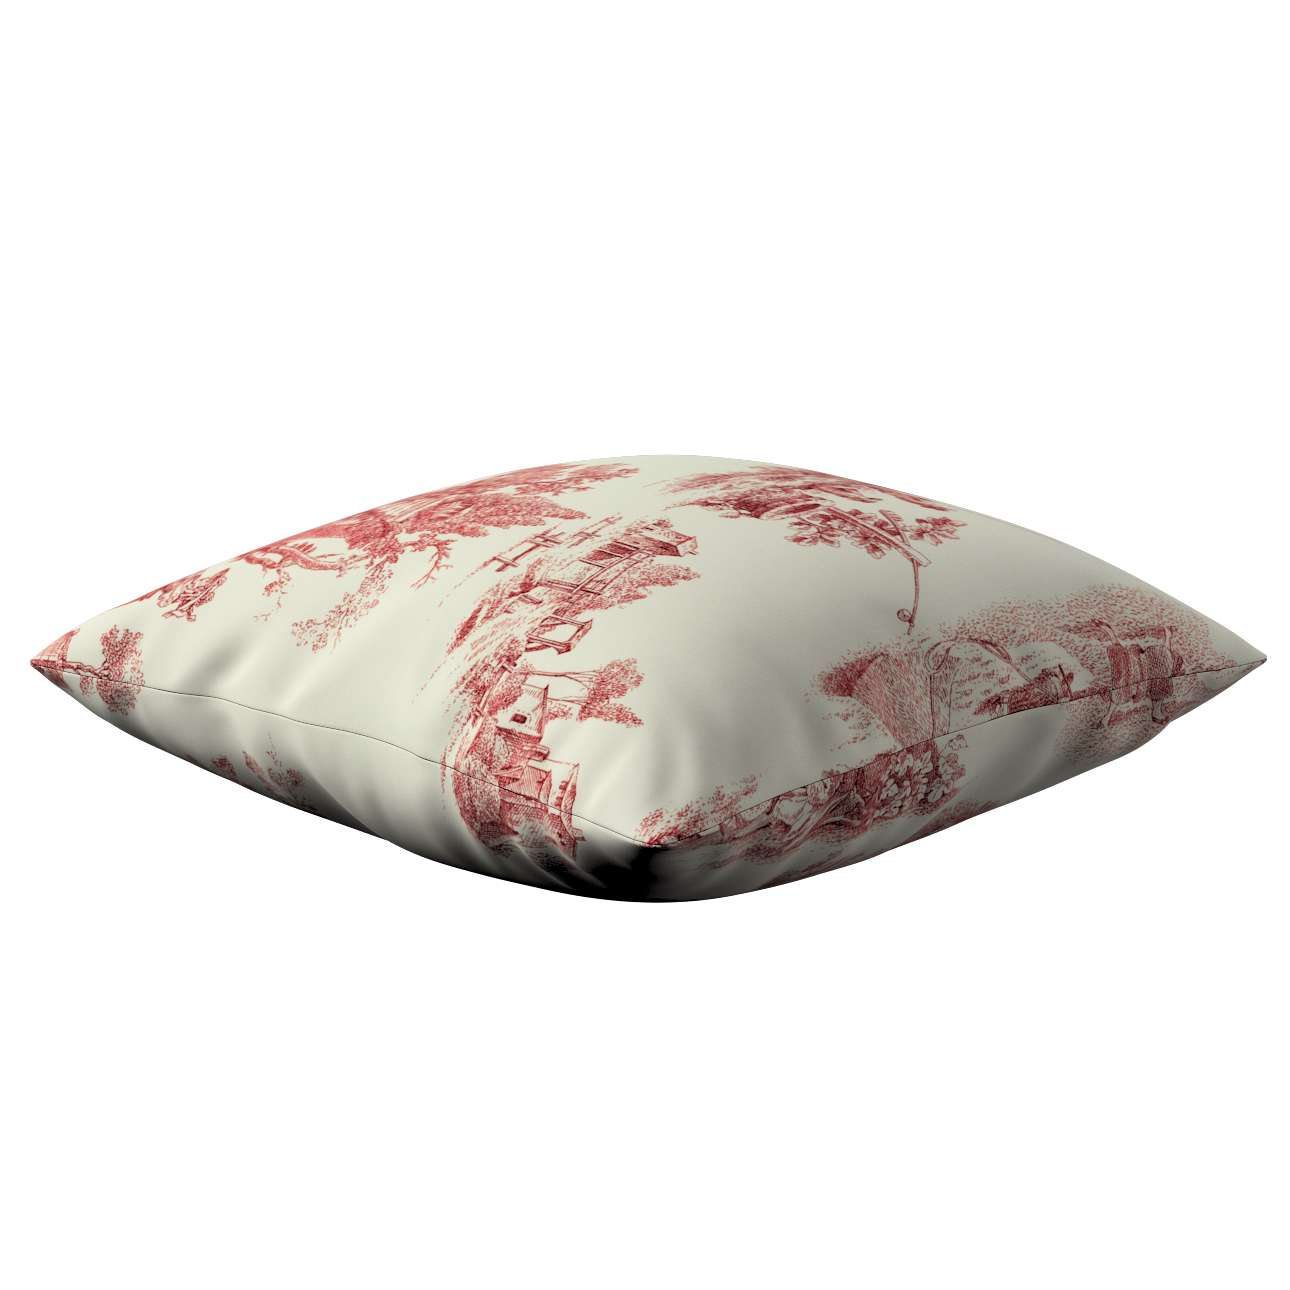 Kinga dekoratyvinės pagalvėlės užvalkalas 43 x 43 cm kolekcijoje Avinon, audinys: 132-15